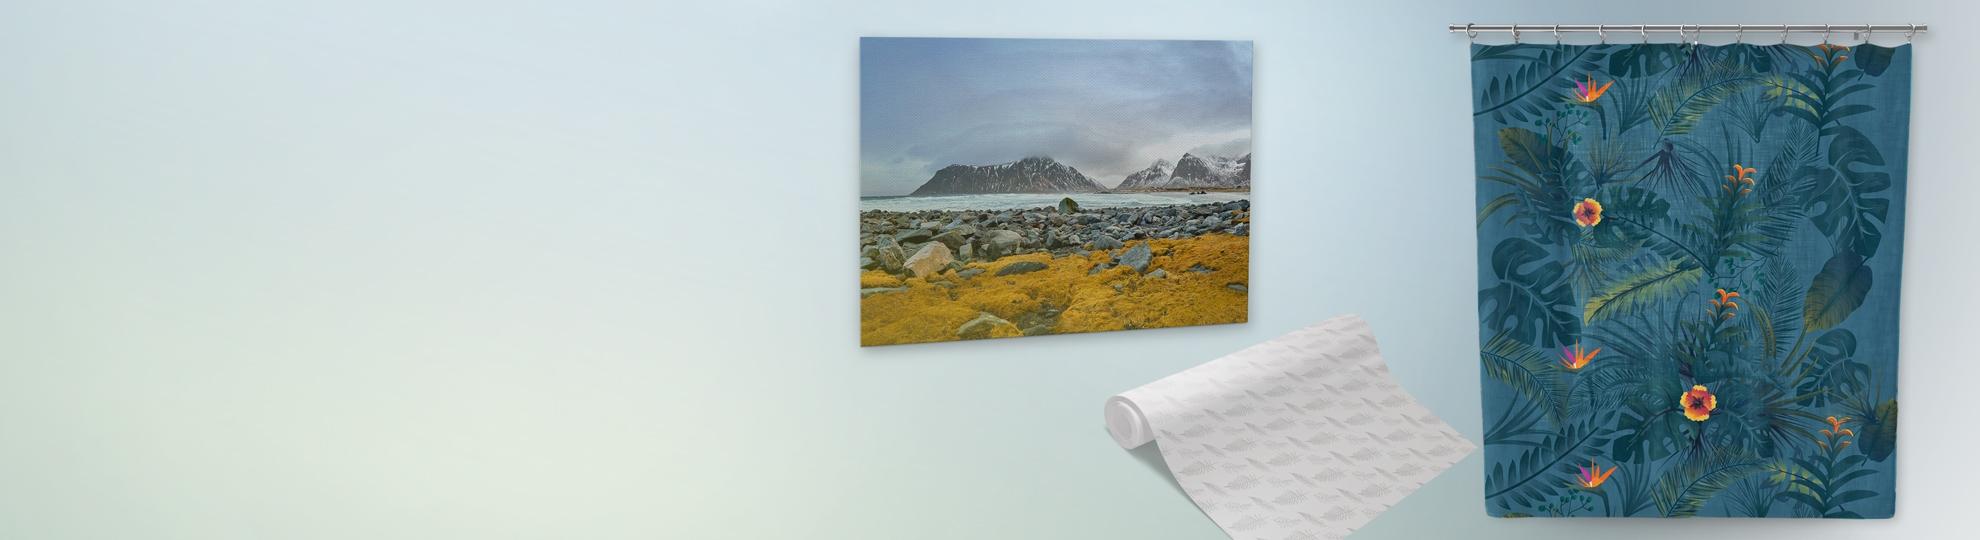 Imprimer décoration murale, salon, entrée, bureau